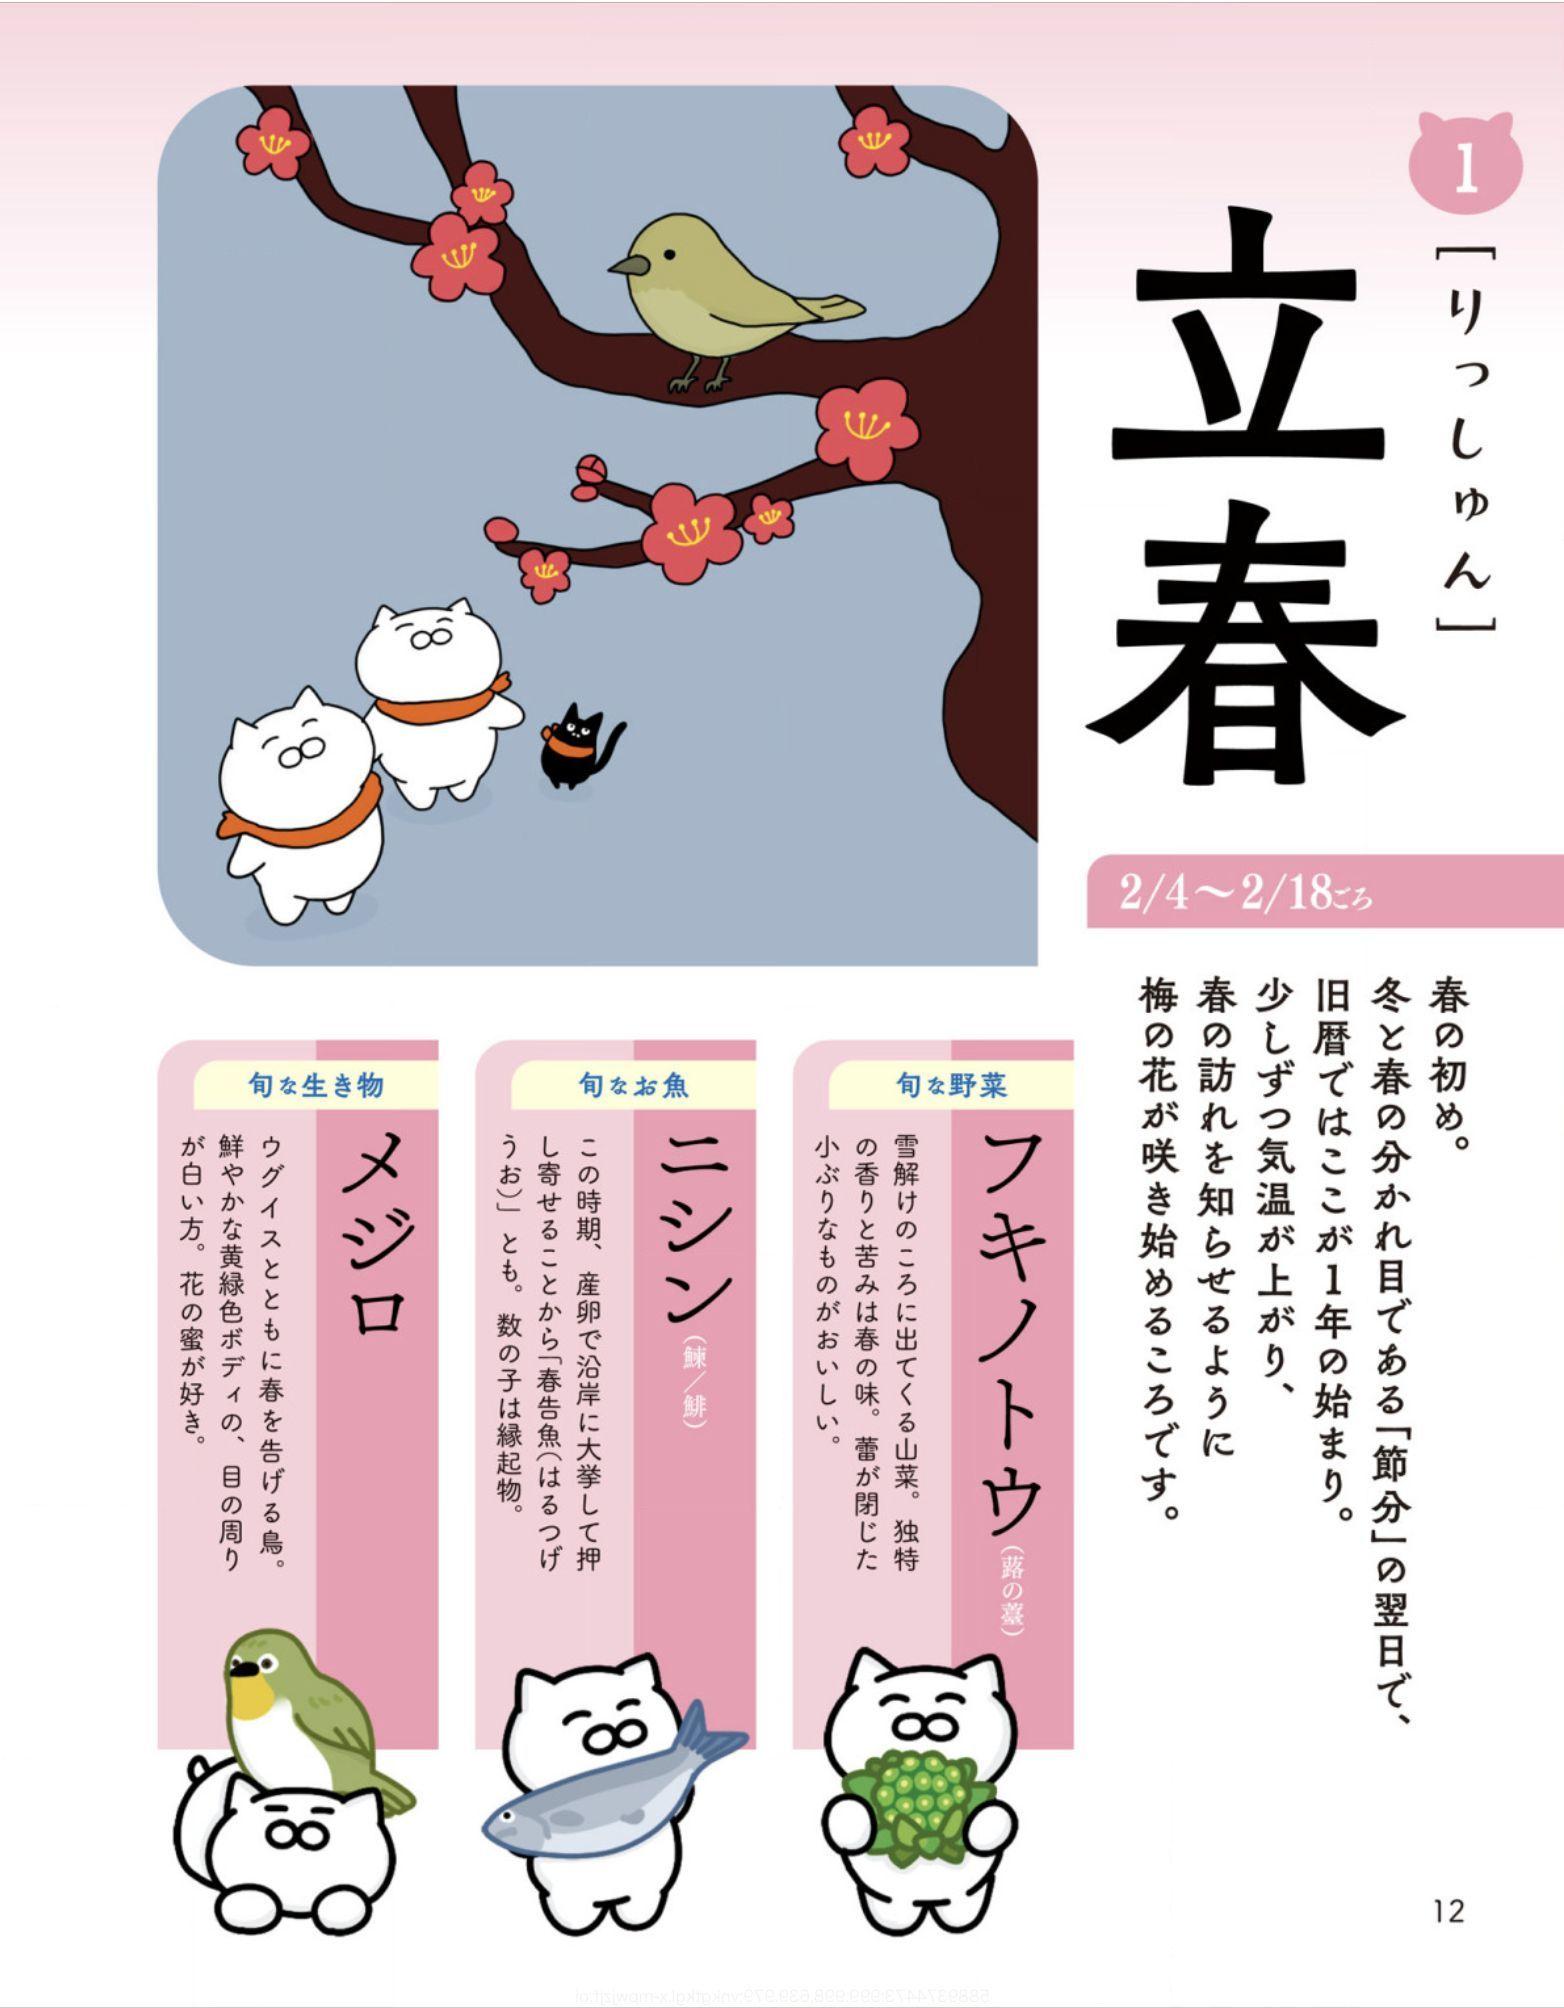 スズメとヒヨドリが和解_c0025115_21352036.jpg